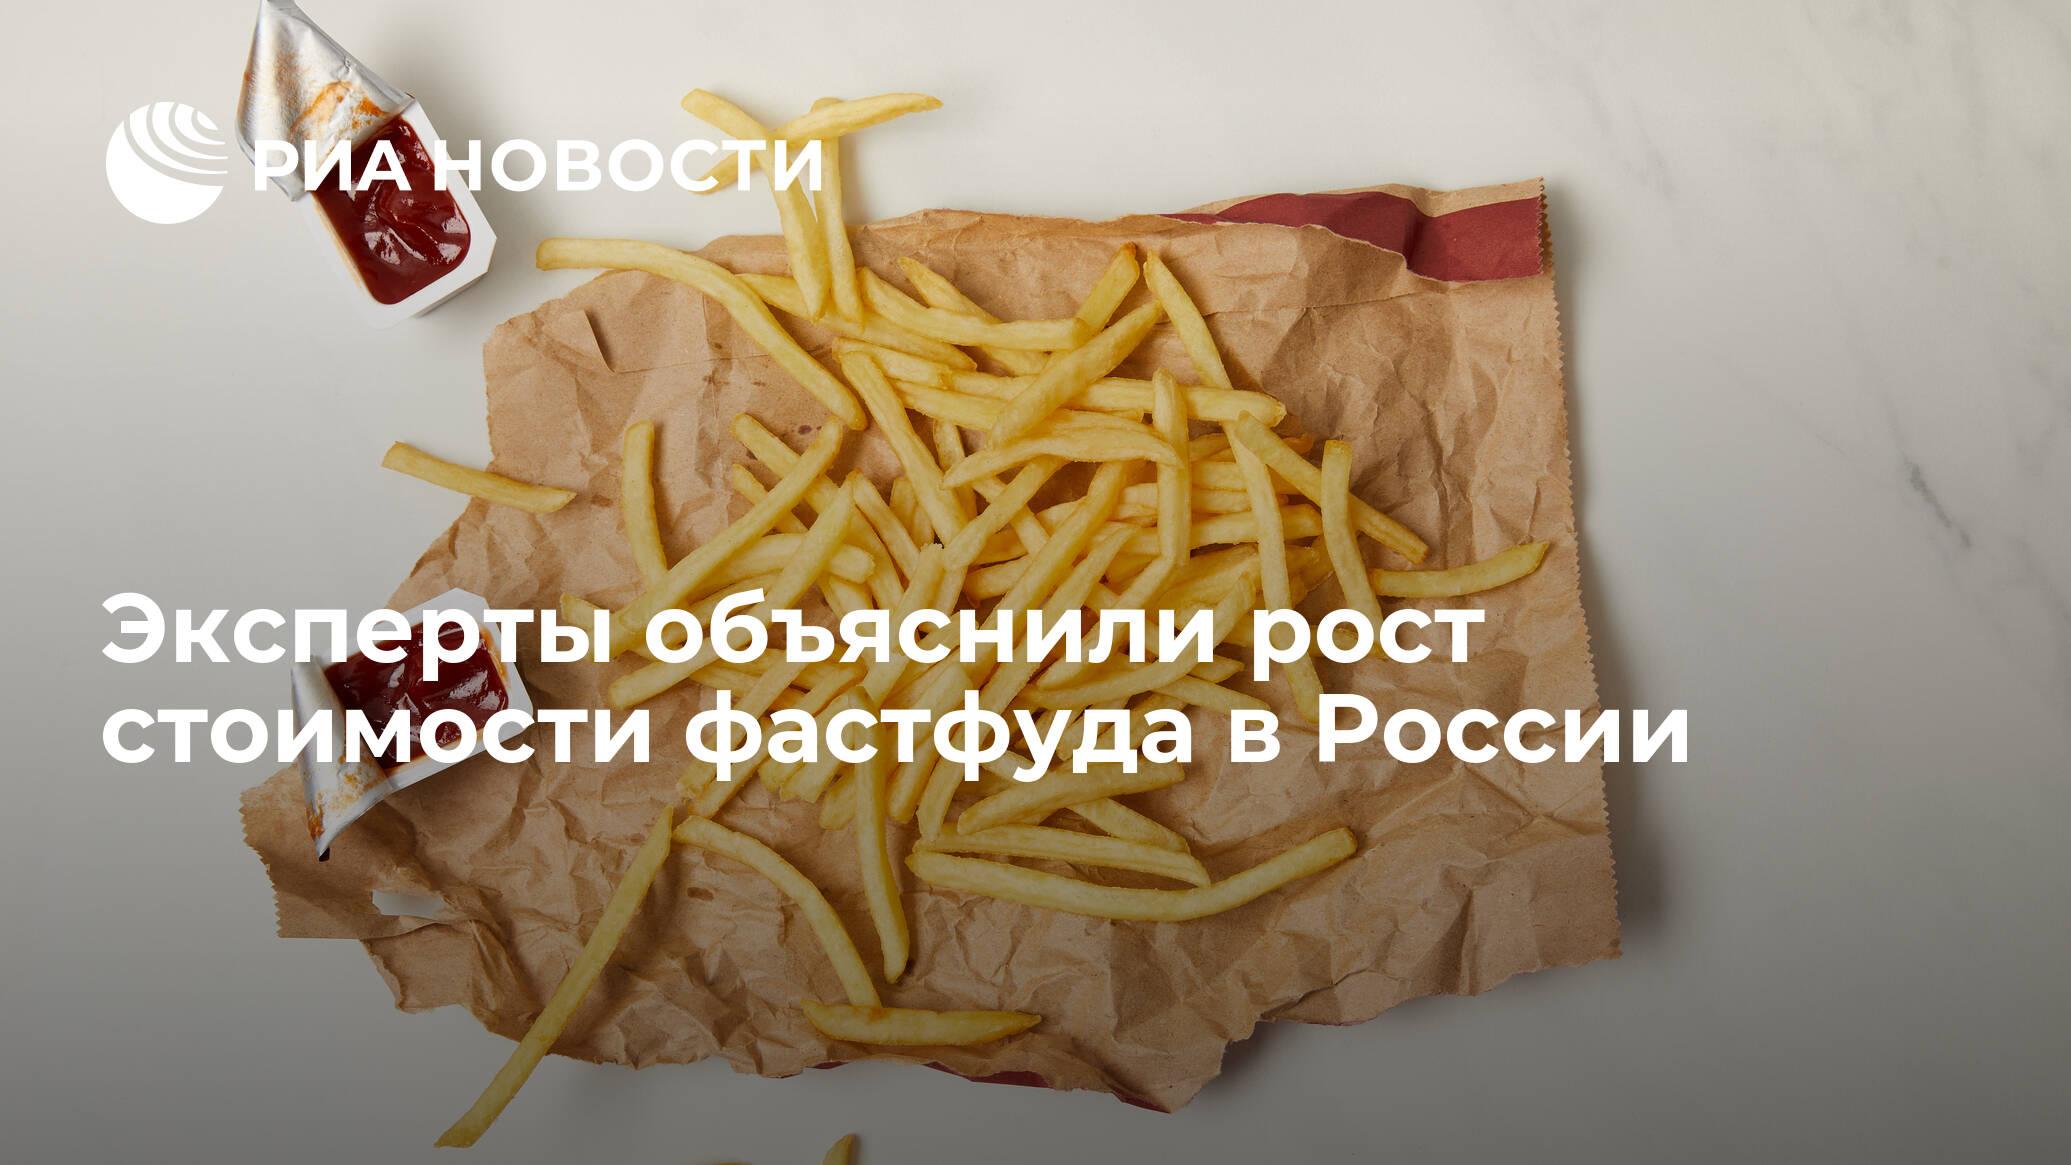 Эксперты объяснили рост стоимости фастфуда в России